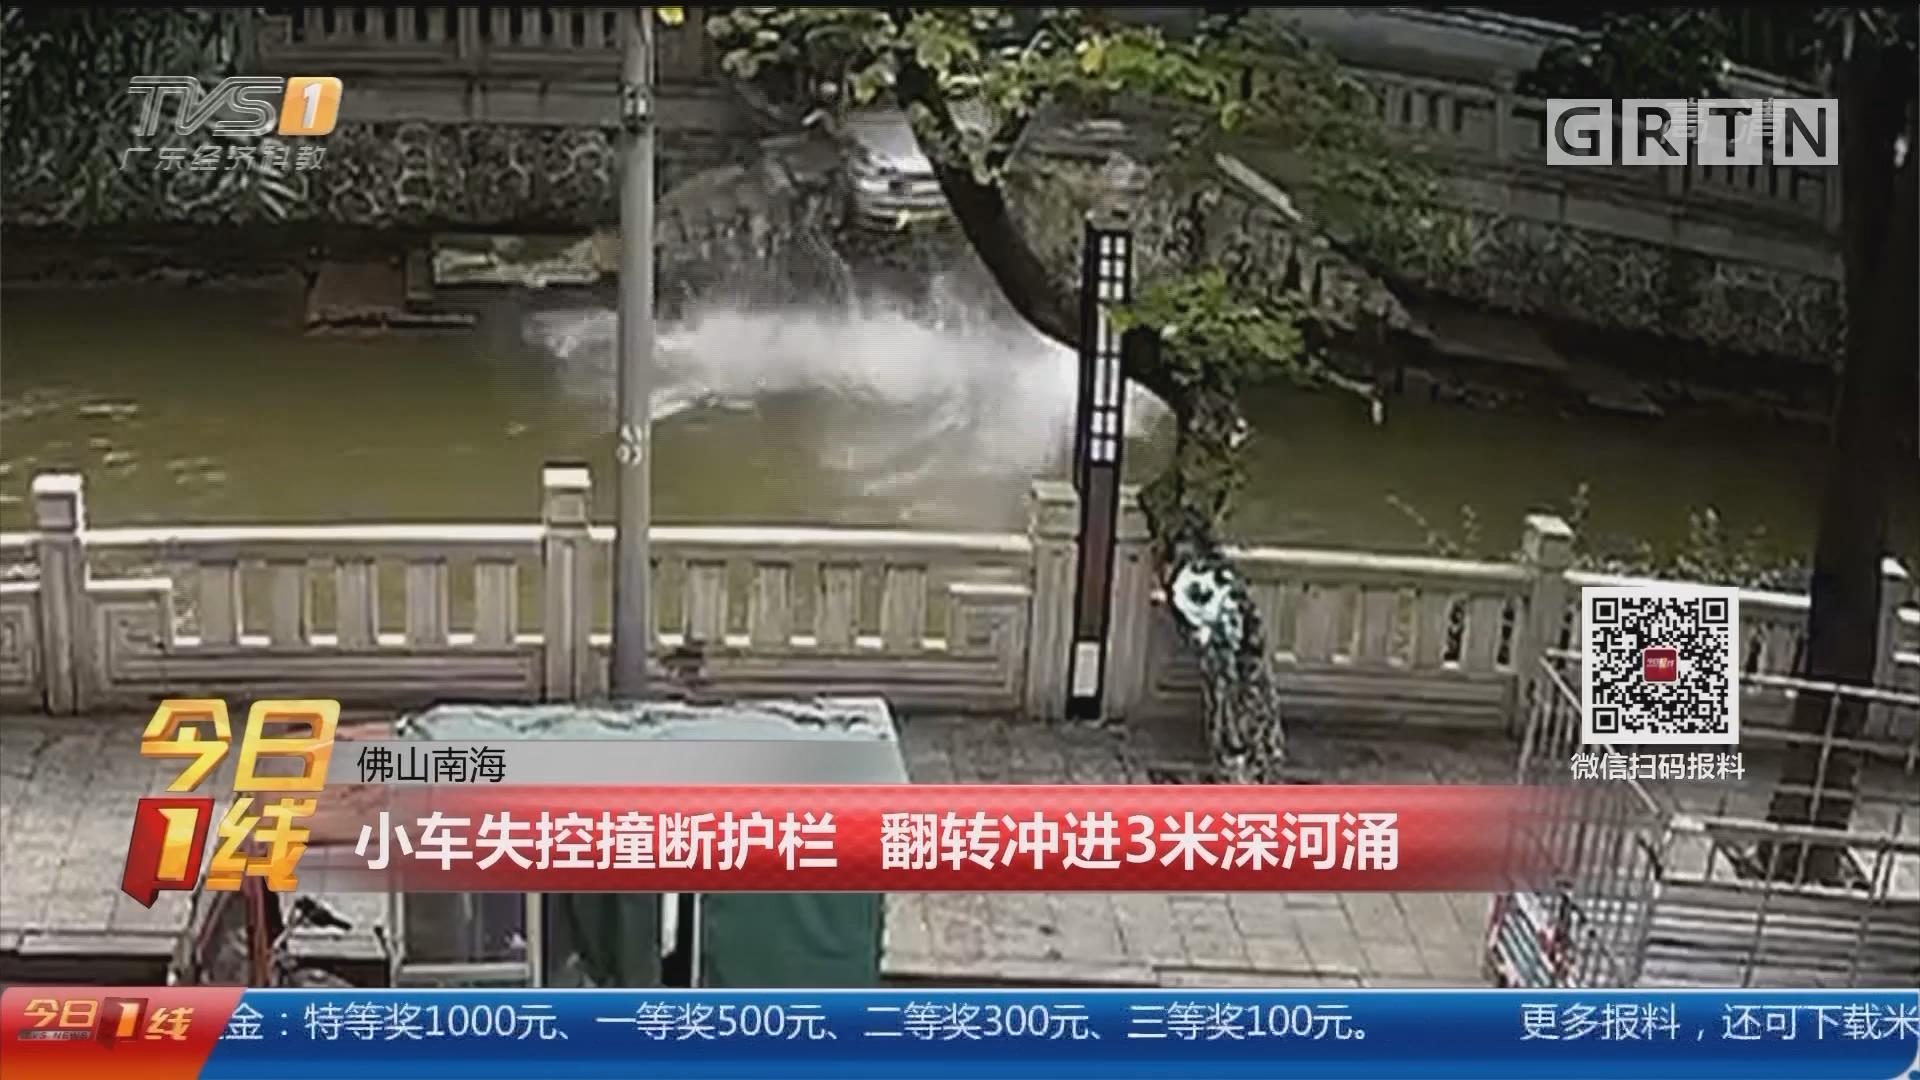 佛山南海:小车失控撞断护栏 翻转冲进3米深河涌